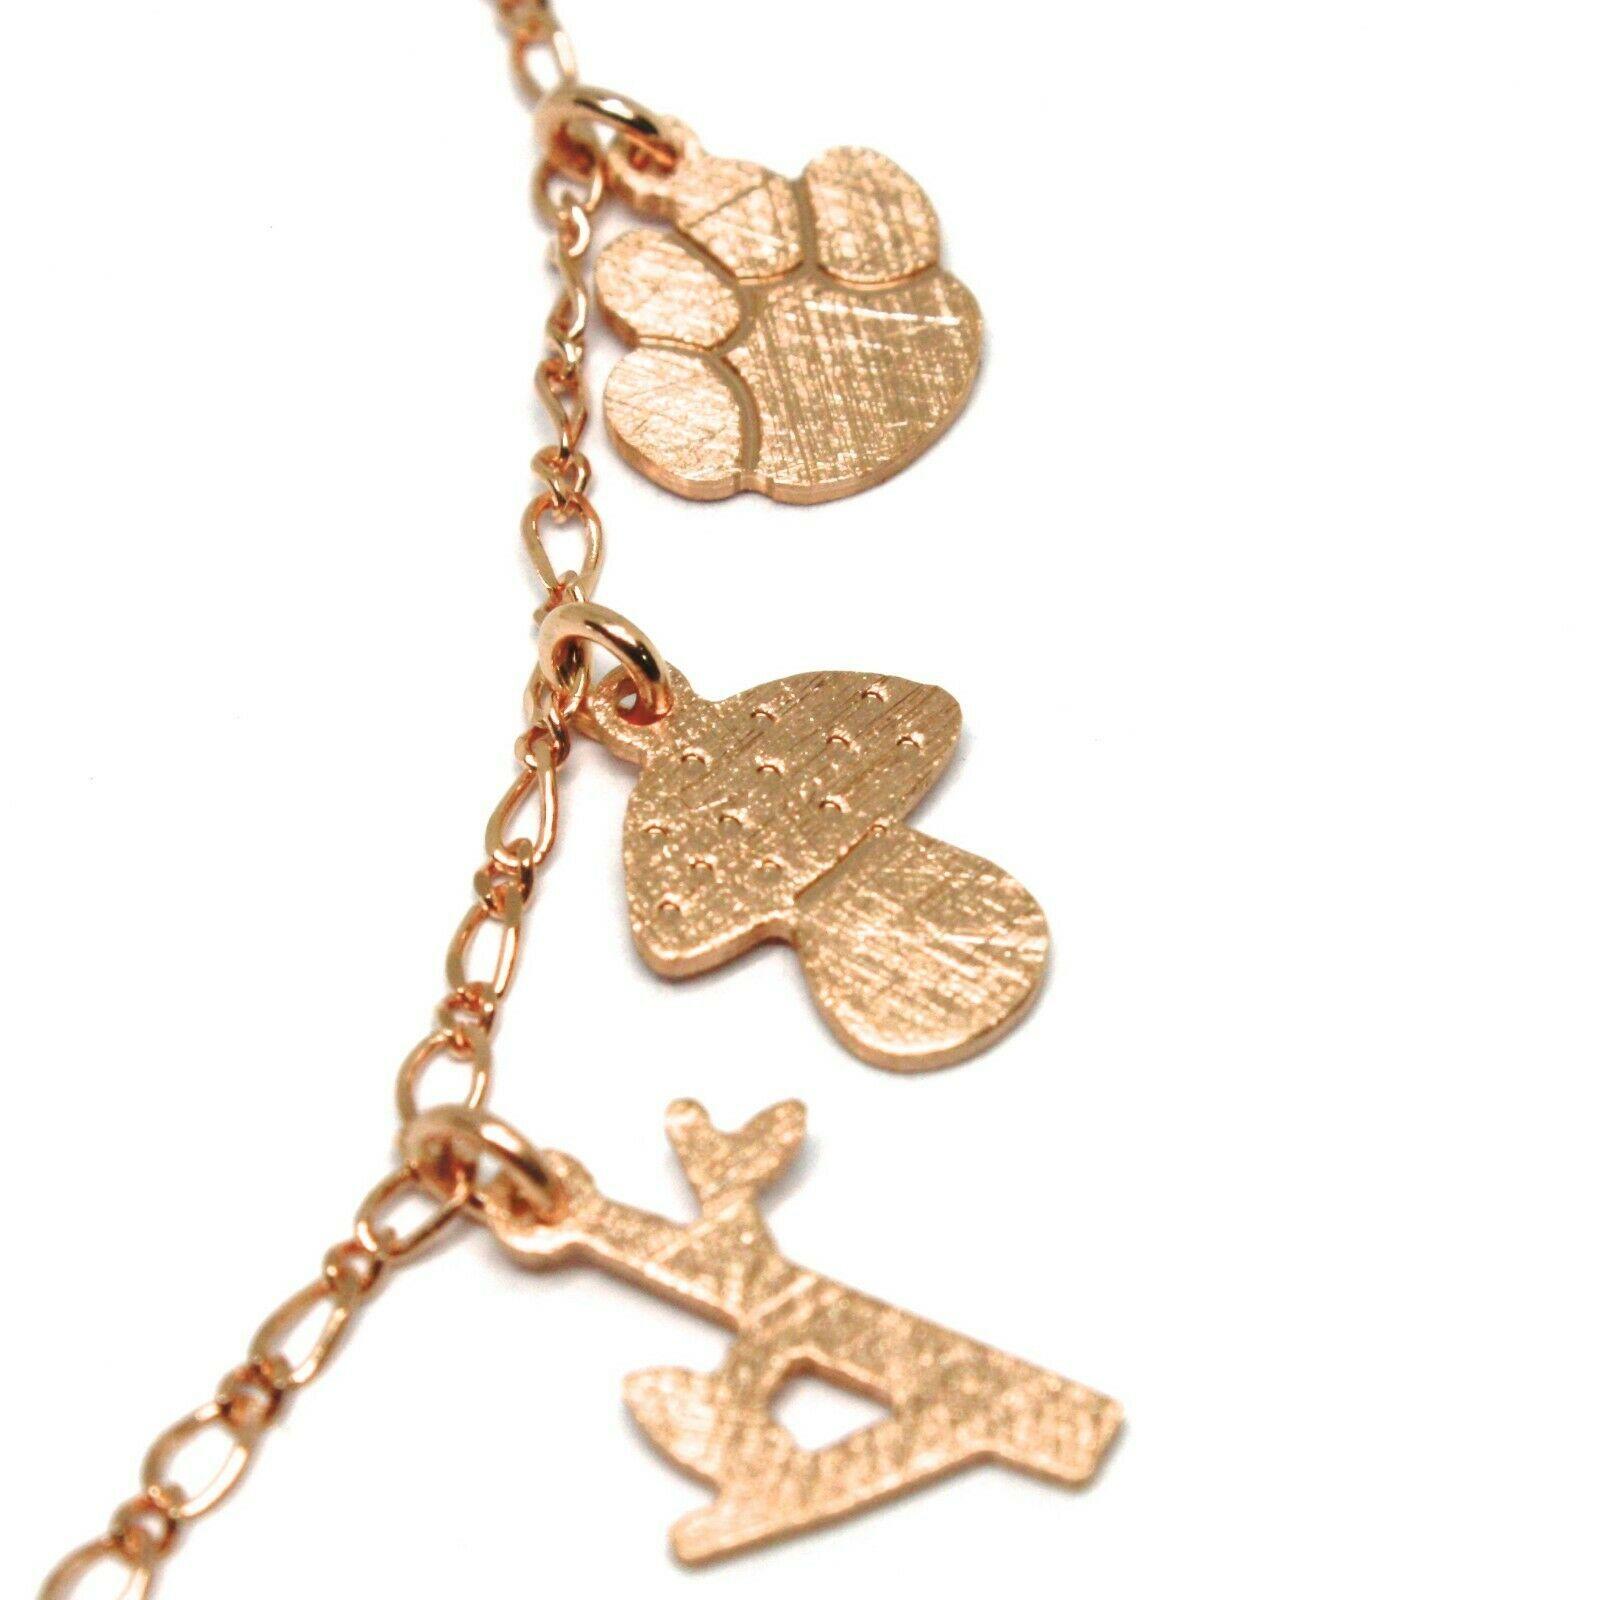 Bracelet en Argent 925, Lapin, Écureuil, Faon, Hérisson, Hibou, le Favole image 3